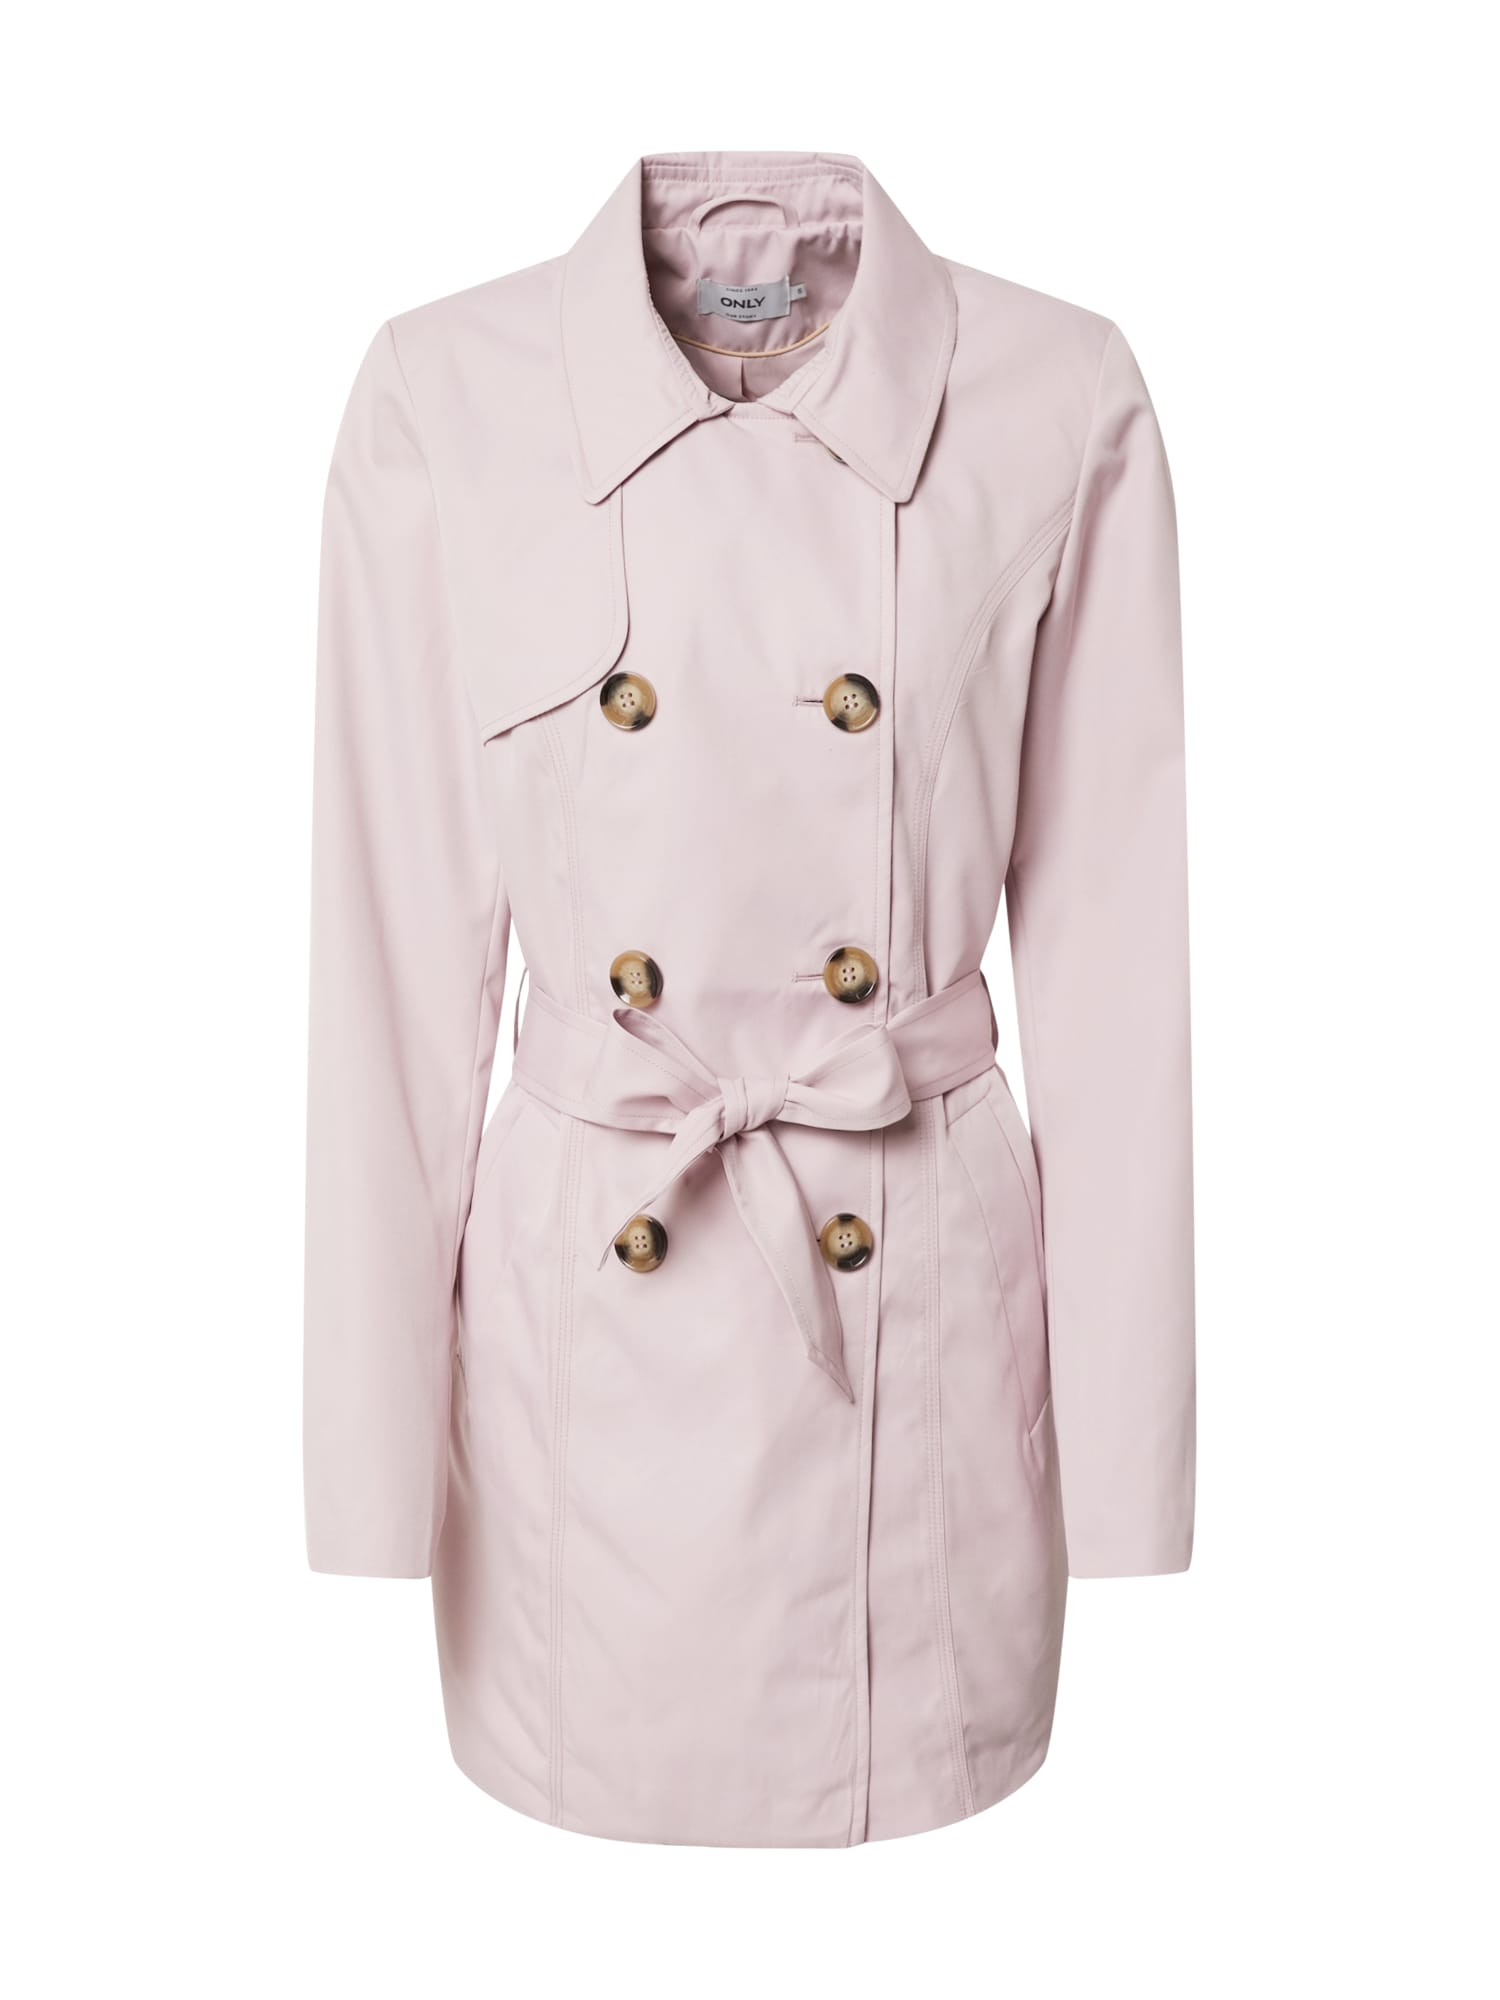 ONLY Rudeninis-žieminis paltas 'Valerie' alyvinė spalva